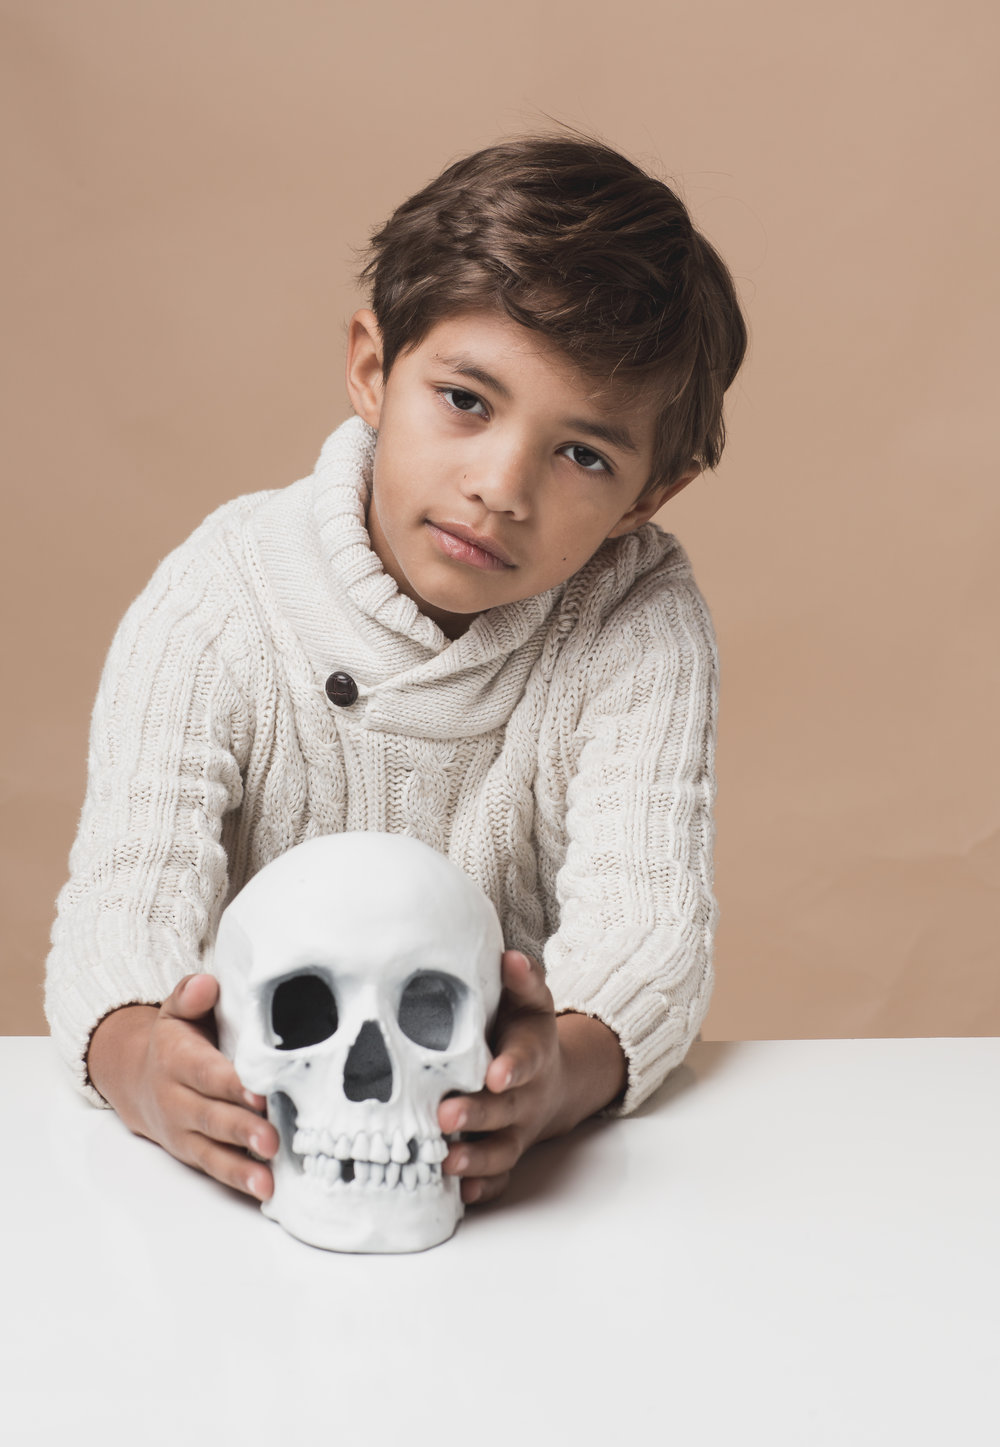 ryan-pavlovich-kid-skull.jpg